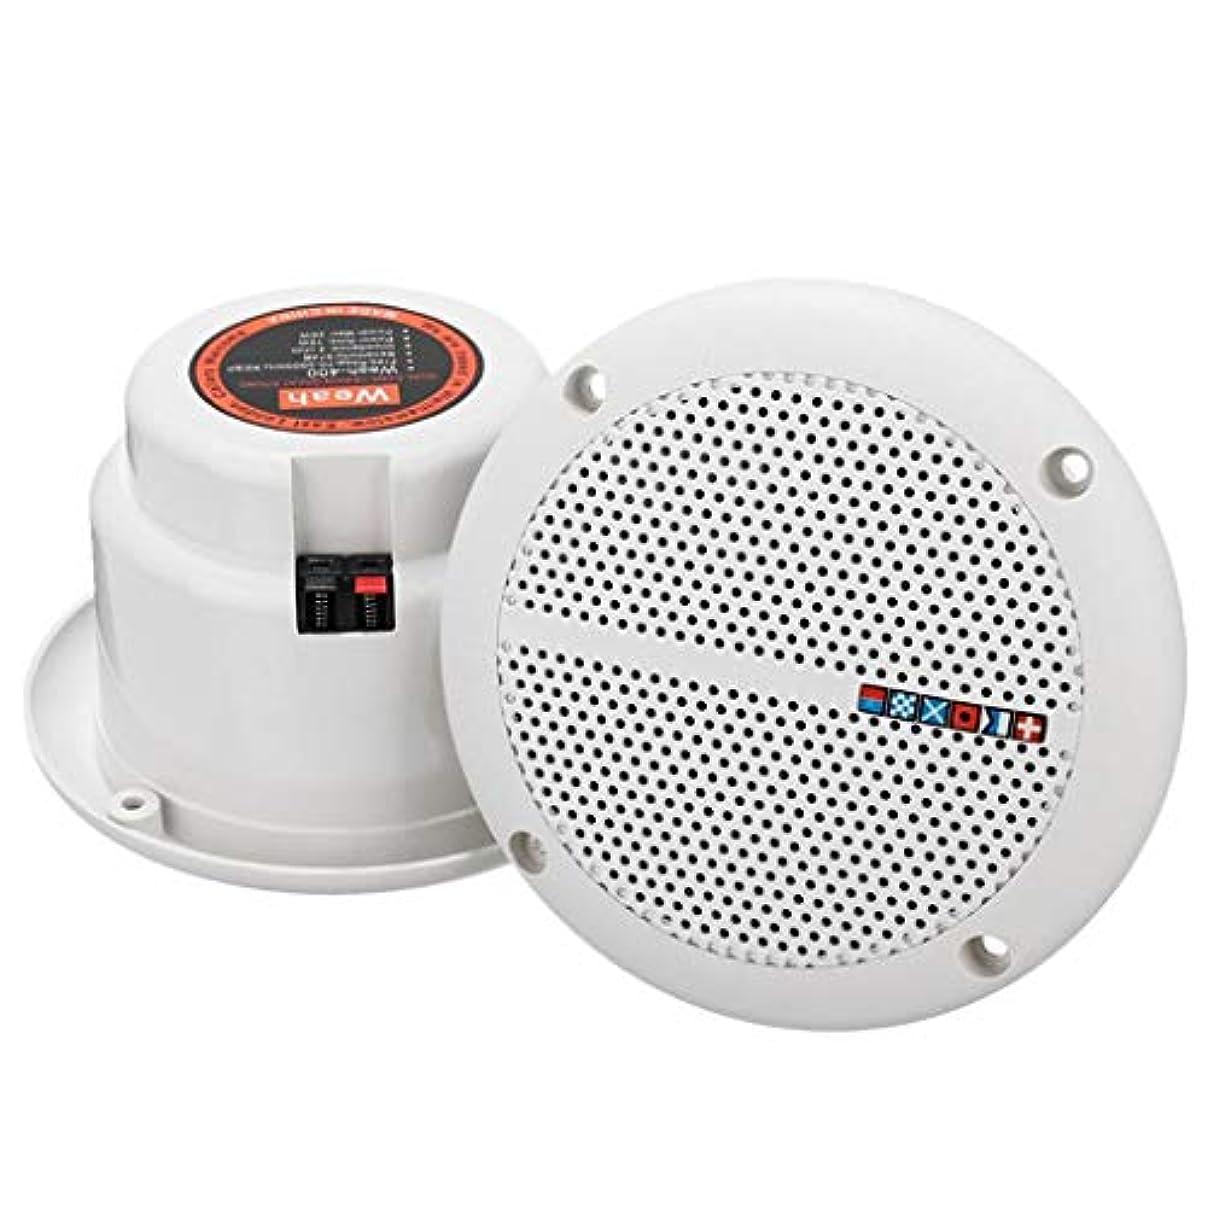 バー弁護調停するBaoblaze スピーカー 2ウェイ 防水 マリン/ボート/シーリング/キッチン/バスルームなど用 高音質 1ペア